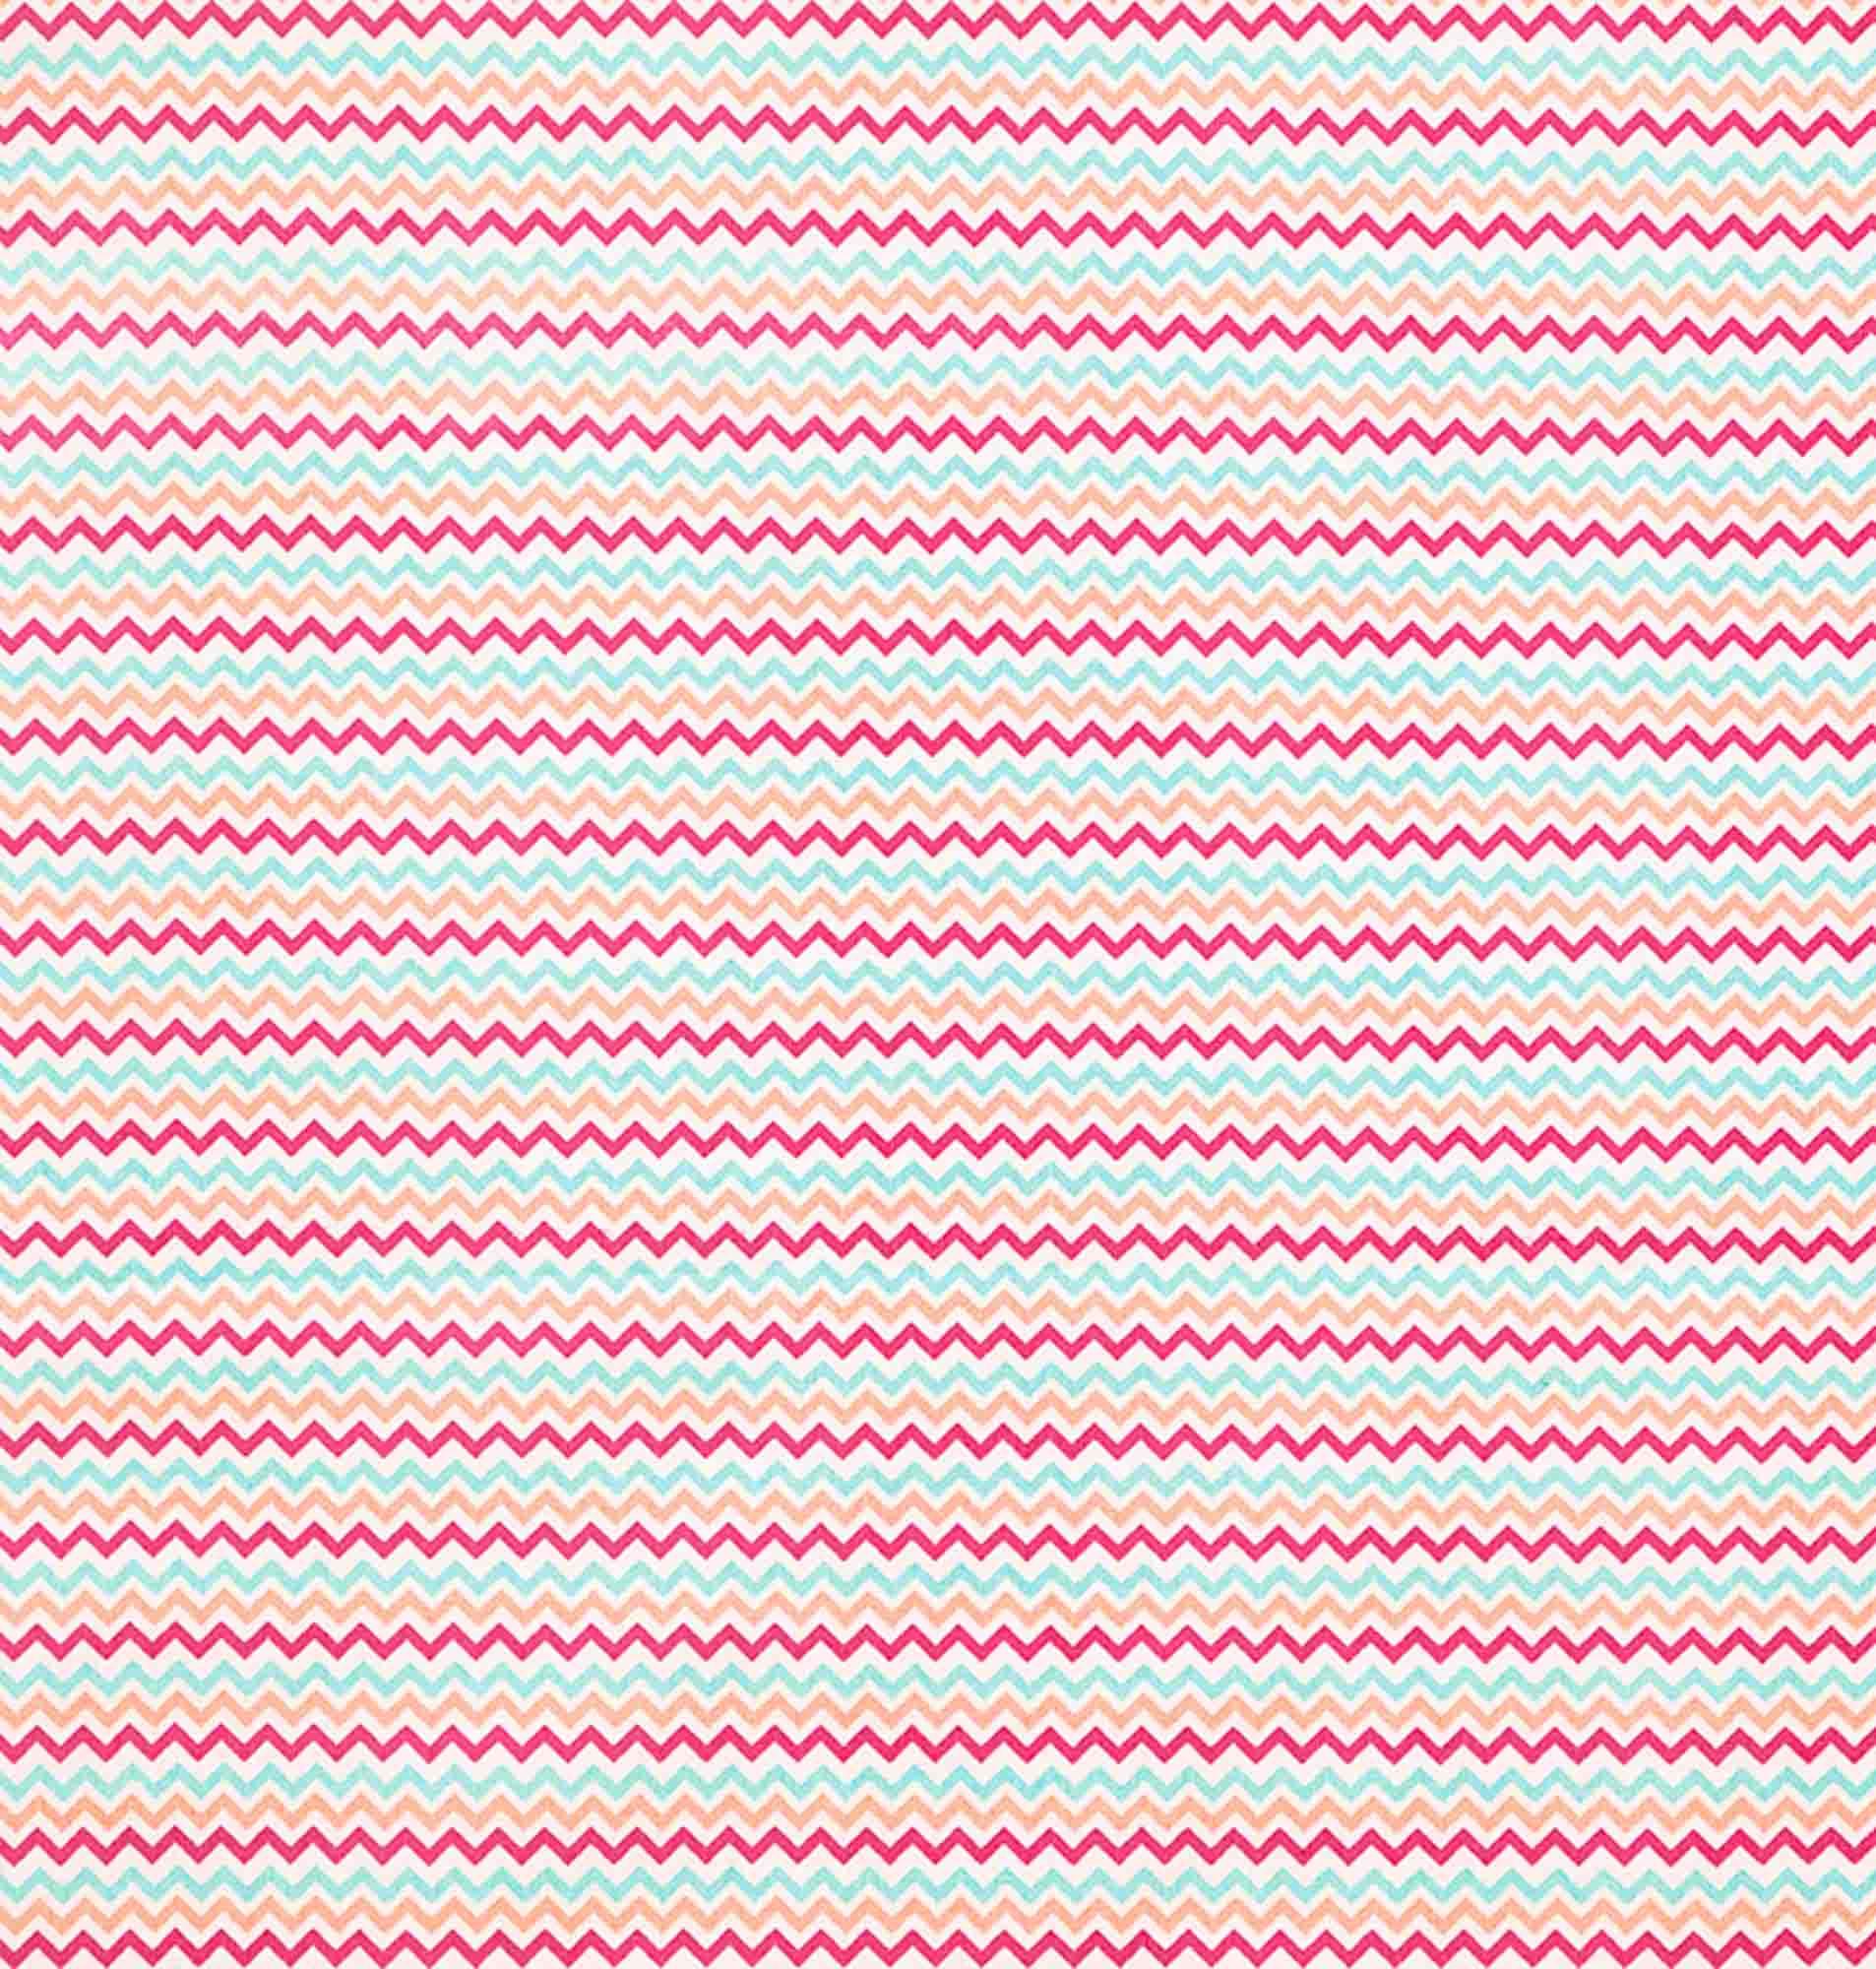 Tecido tricoline estampado dohler 100% algodão chevron rosa cd